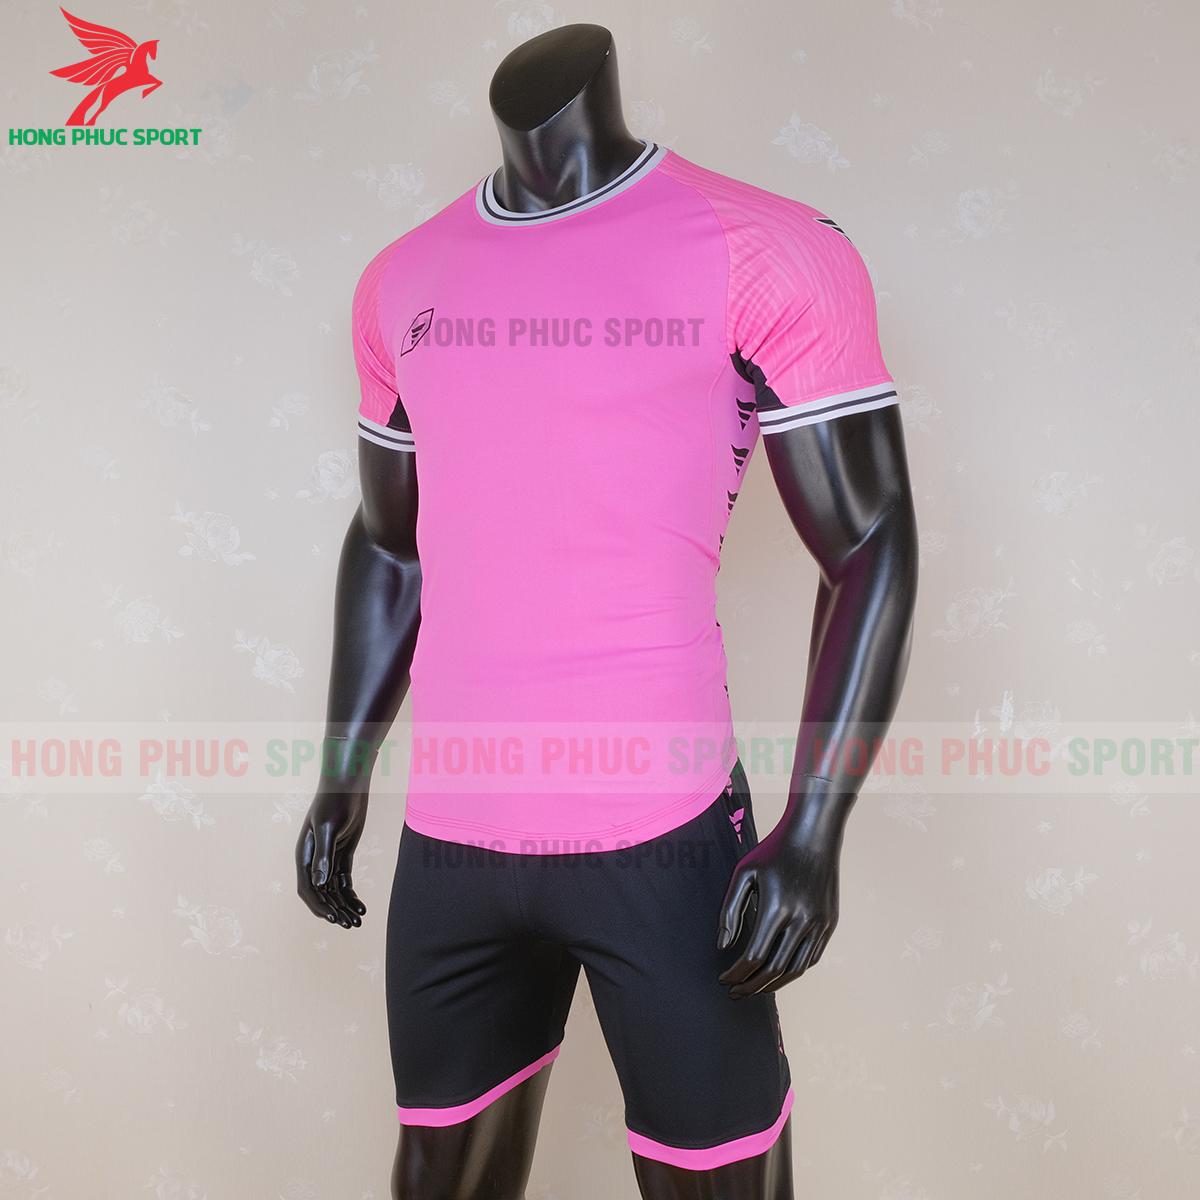 https://cdn.hongphucsport.com/unsafe/s4.shopbay.vn/files/285/ao-bong-da-khong-logo-ta-a06-mau-1-6-5f71bf8cf0ae8.png